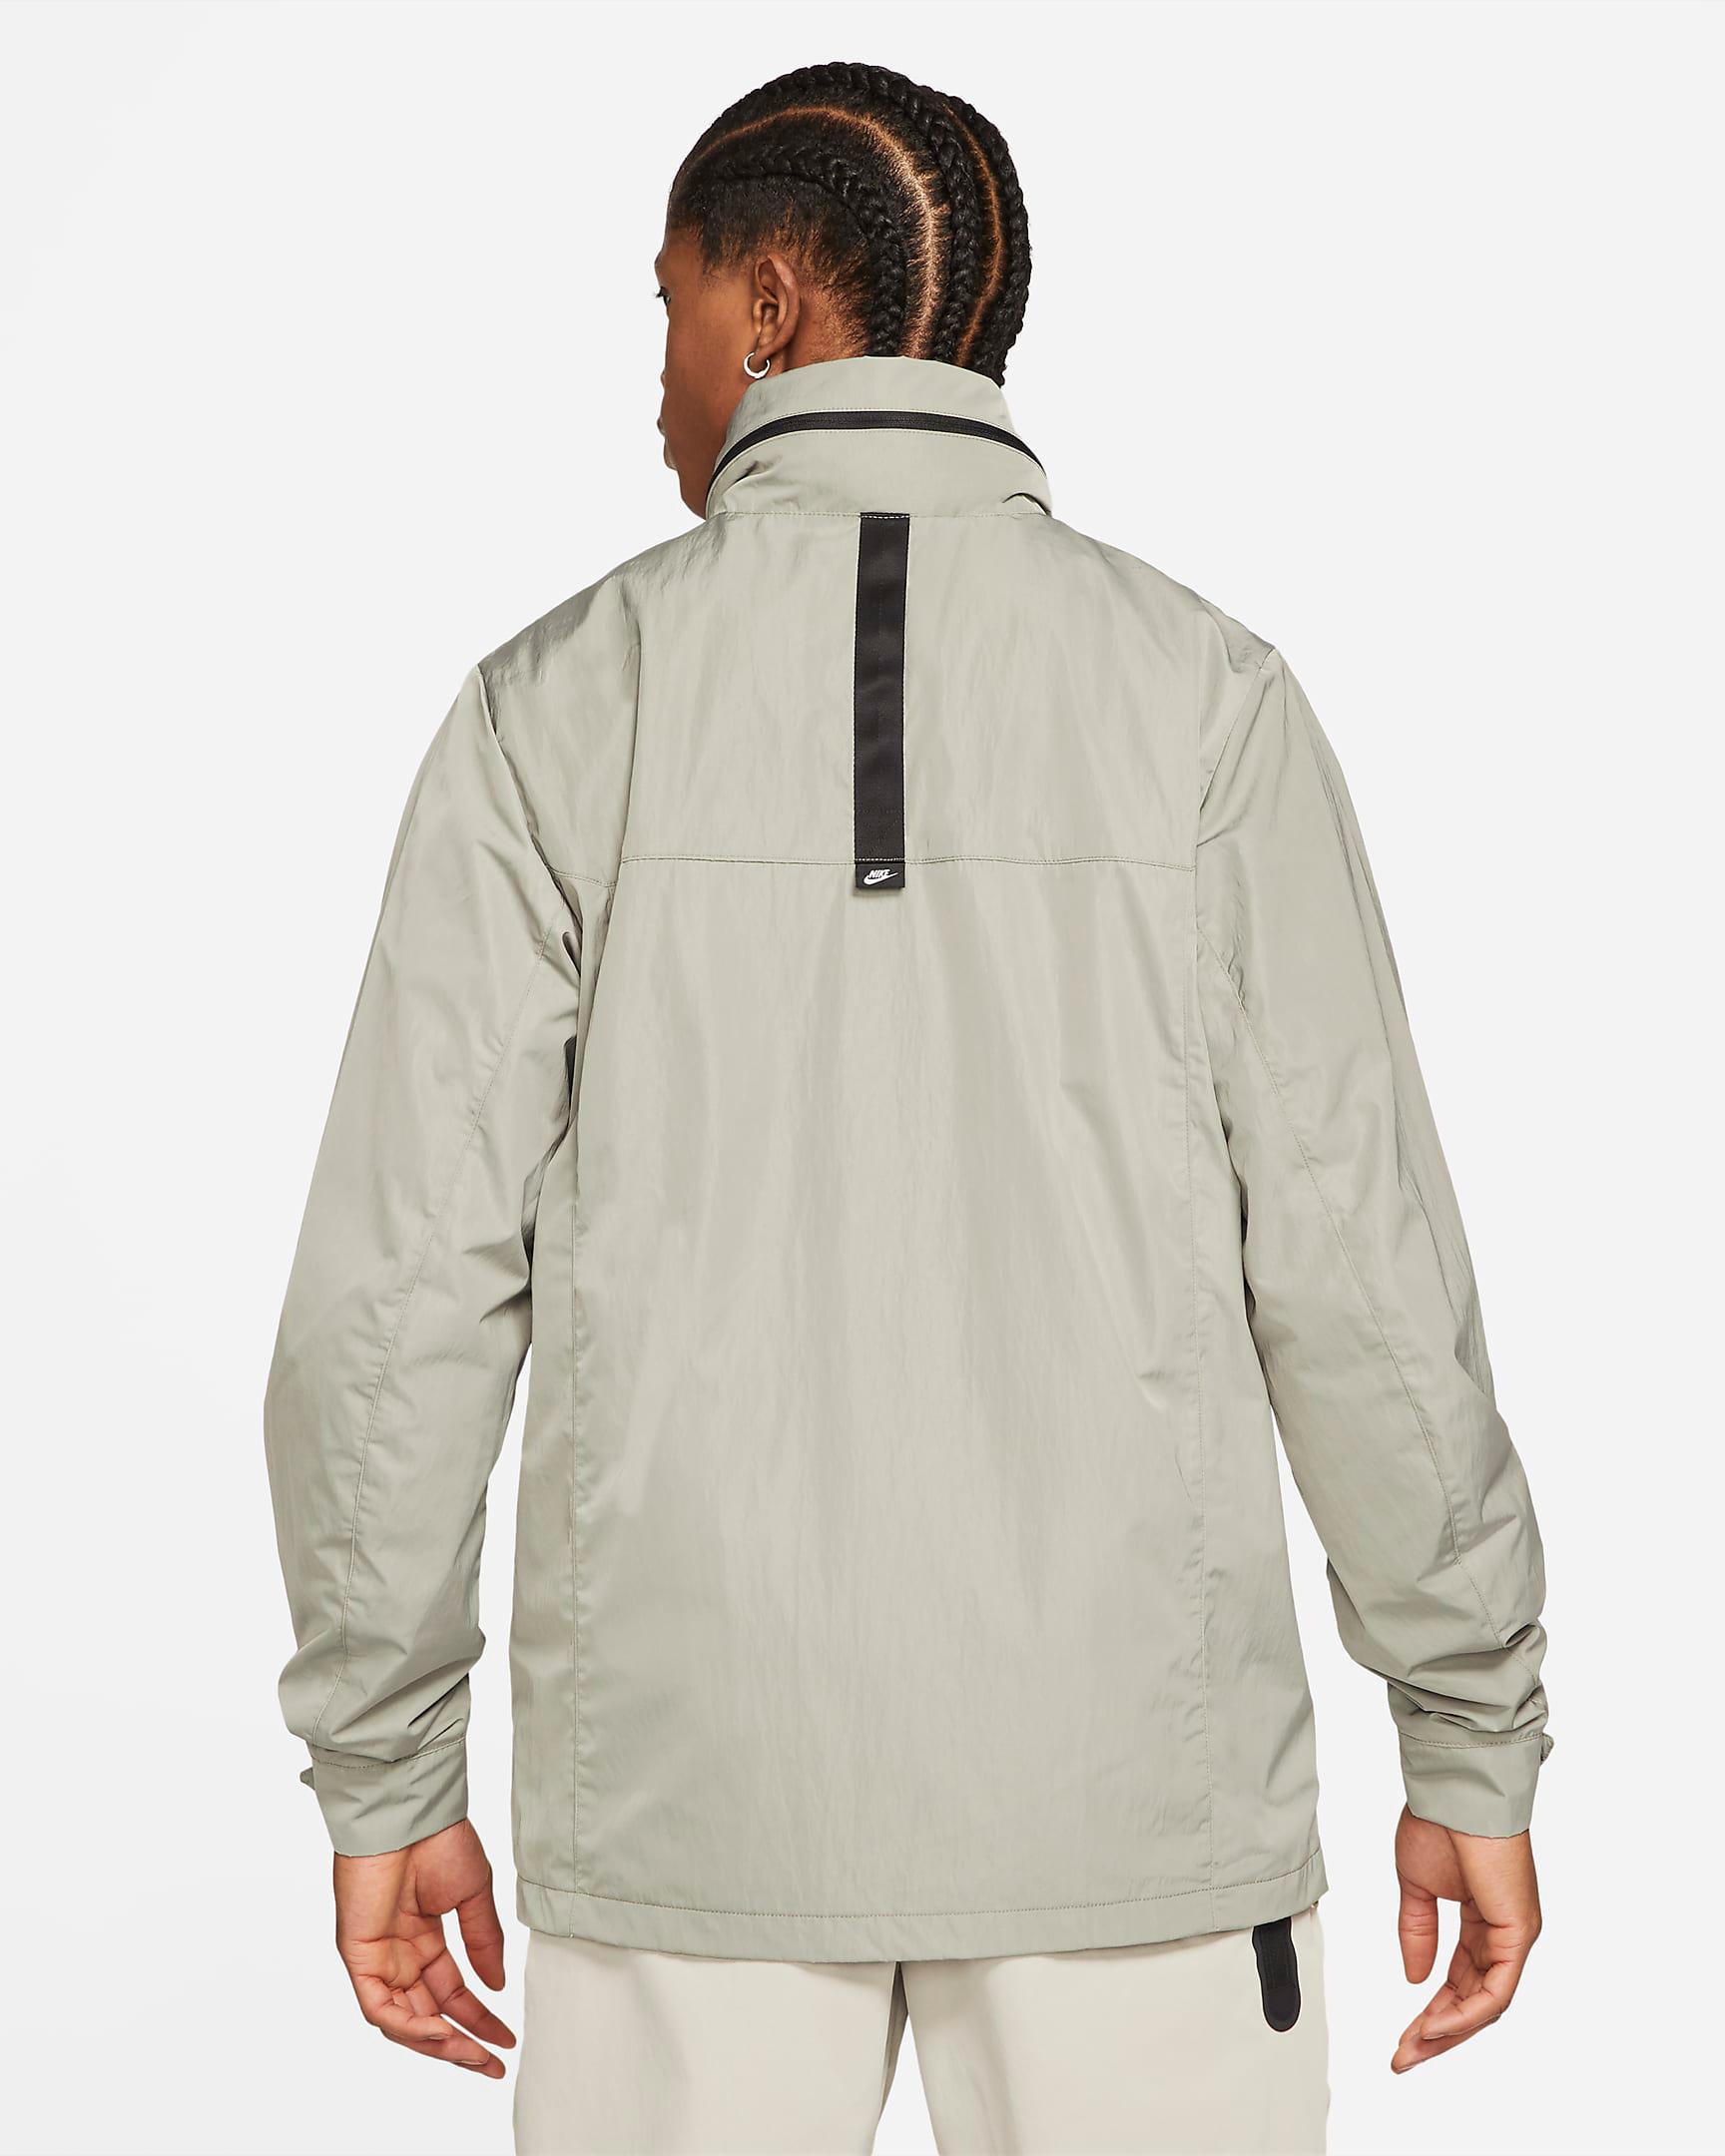 air-jordan-1-high-patina-light-army-jacket-2